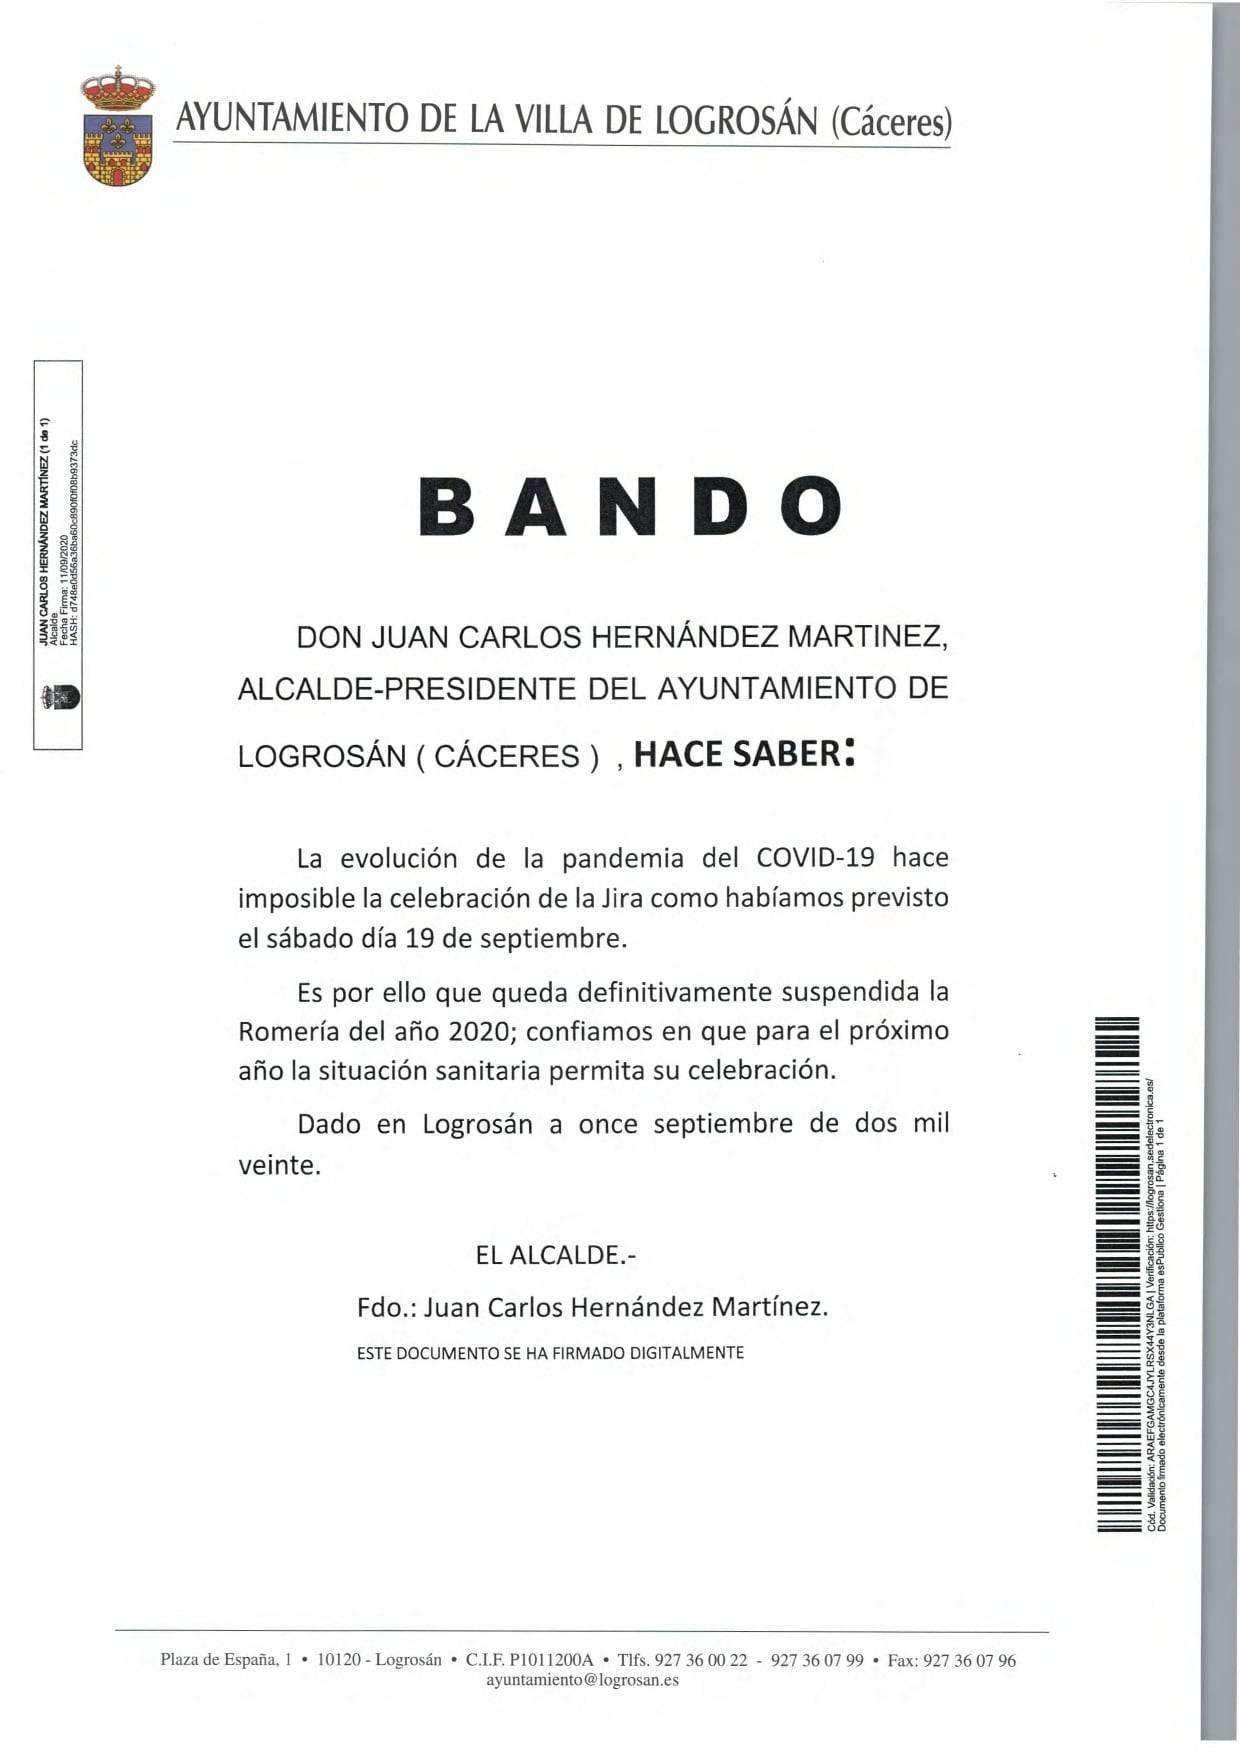 Suspensión definitiva de la Jira (2020) - Logrosán (Cáceres)